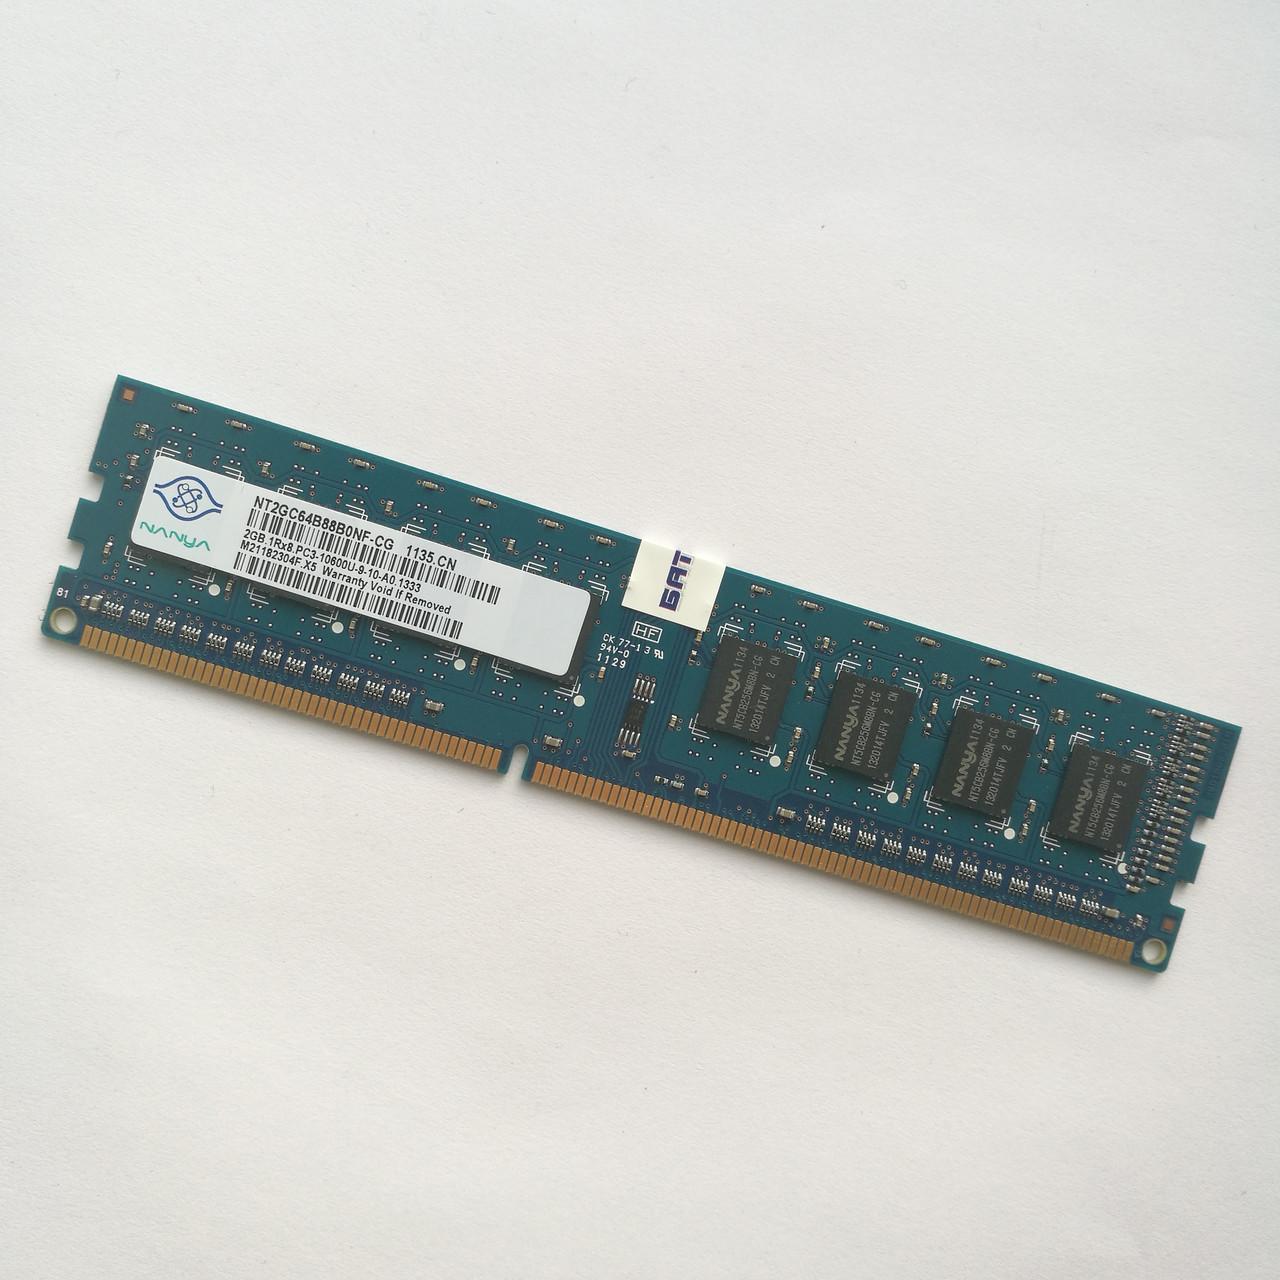 Оперативная память Nanya DDR3 2Gb 1333MHz PC3-10600U 1R8 CL9 (NT4GC64B8HG0NF-CG) Б/У